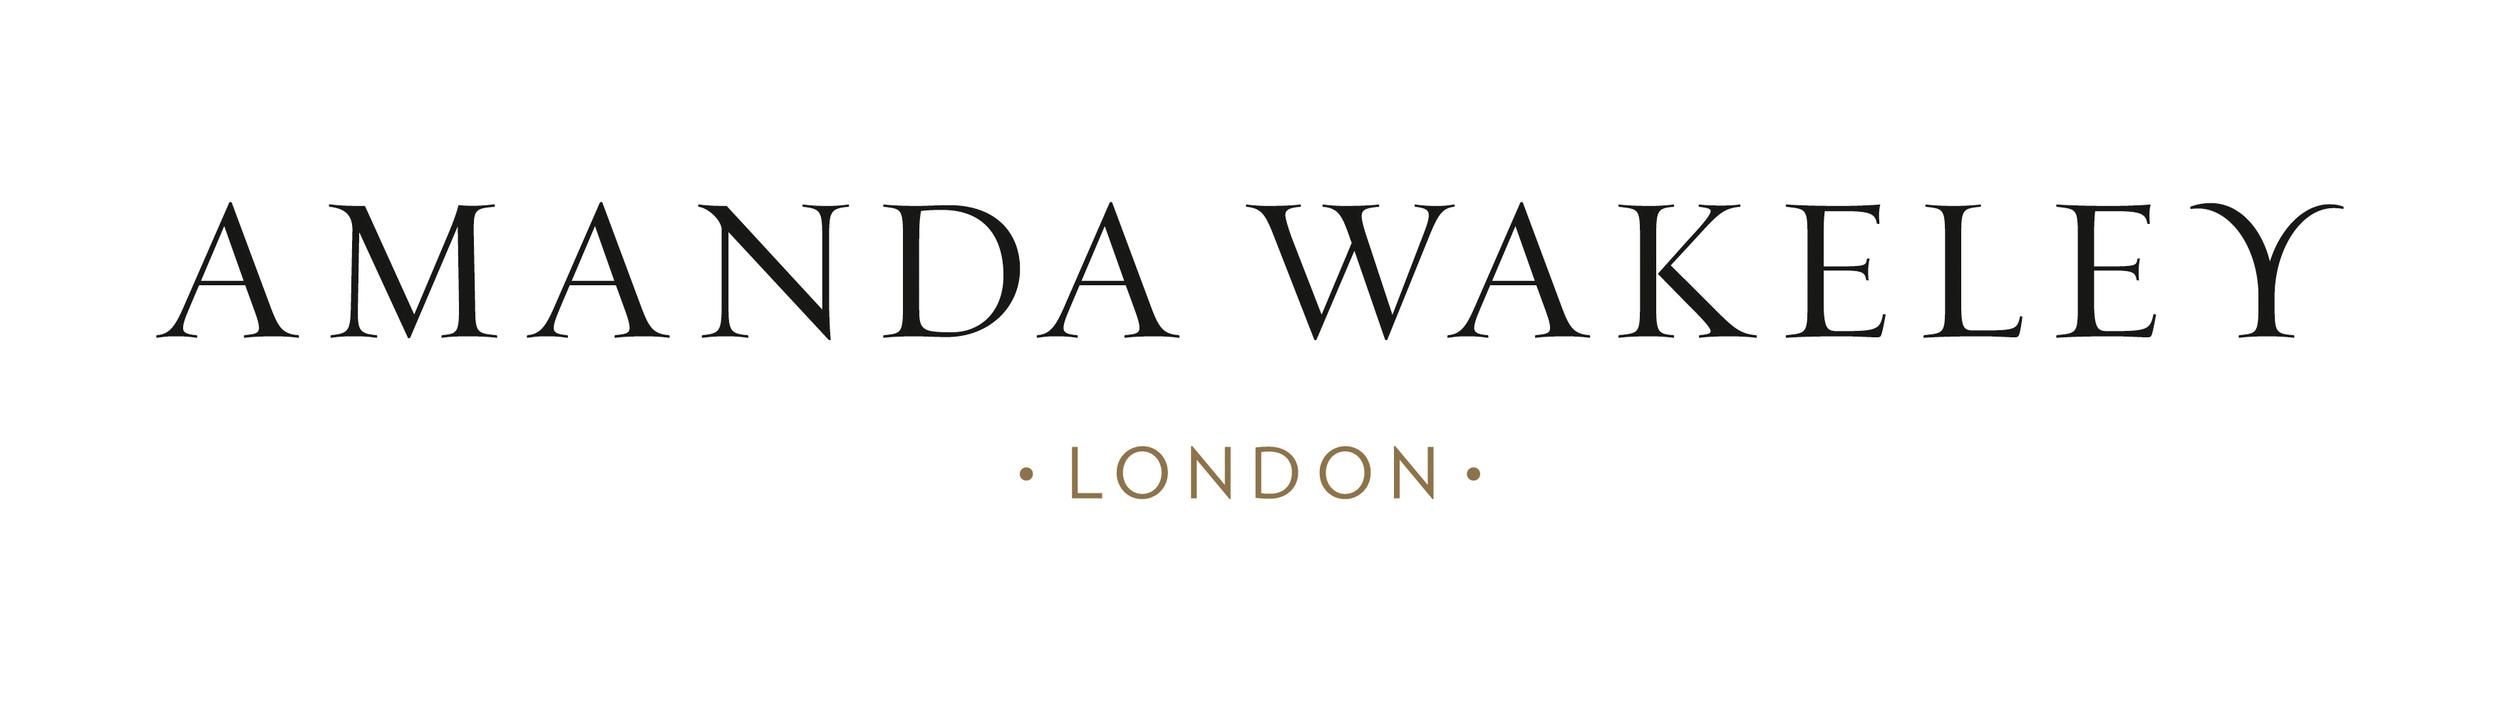 AW-logo new.jpg